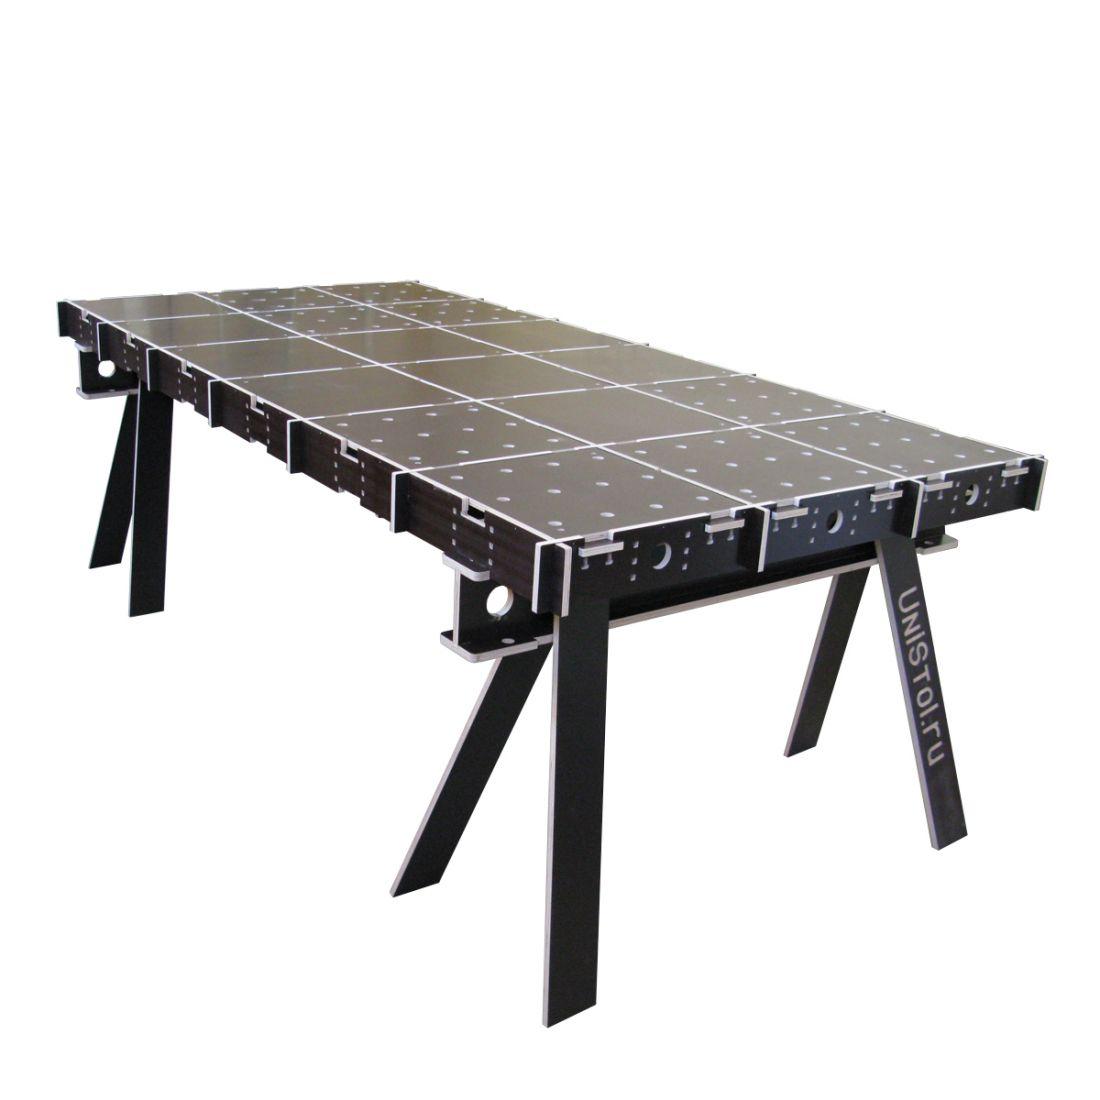 Ячеистый стол для раскроя листовых материалов 2400x1200 мм со столешницей